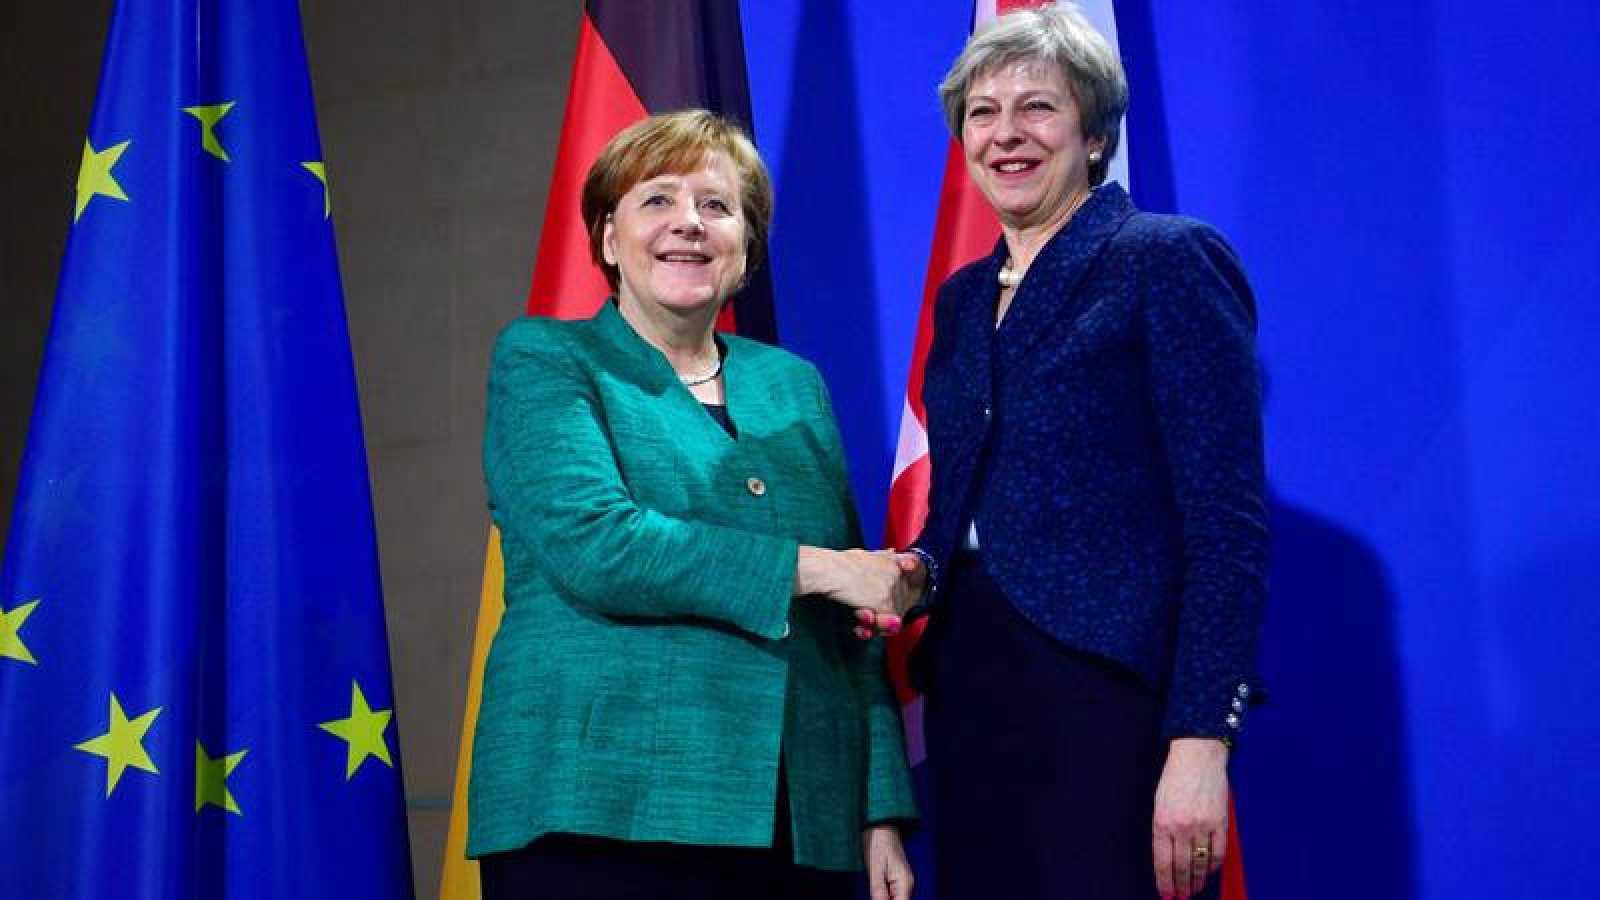 Angela Merkel y Theresa May, durante su encuentro en Berlín este viernes